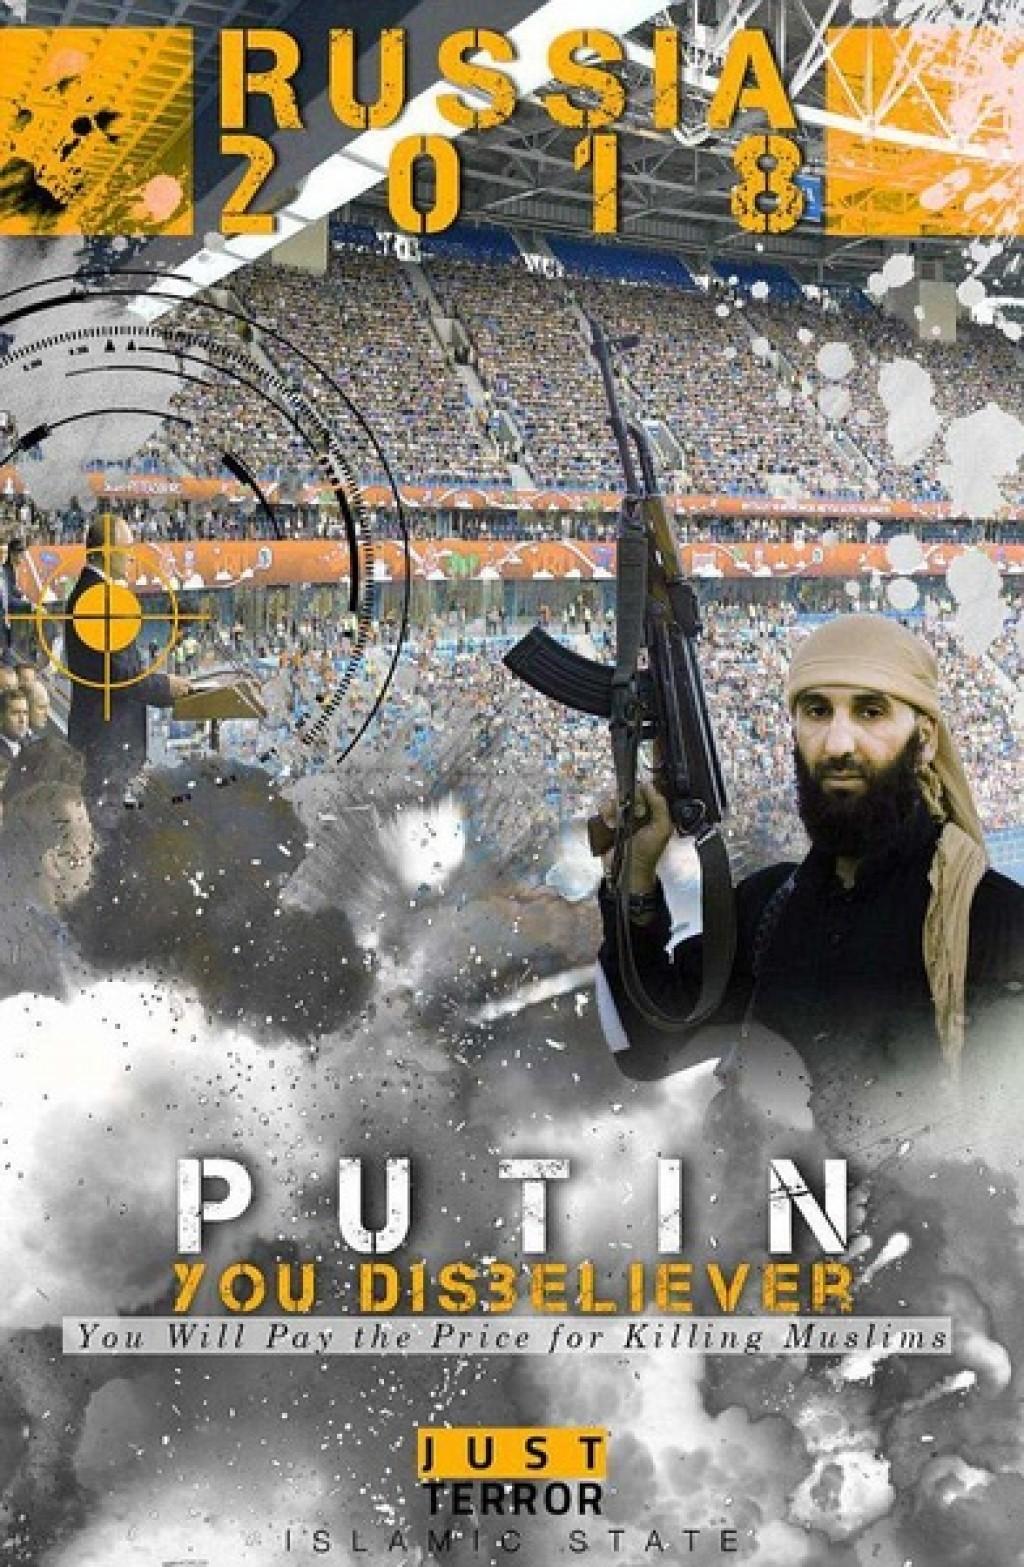 """На одном из плакатов написано """"Путин, ты неверный. Ты заплатишь за убийство мусульман"""" / фото jamehnews.com"""